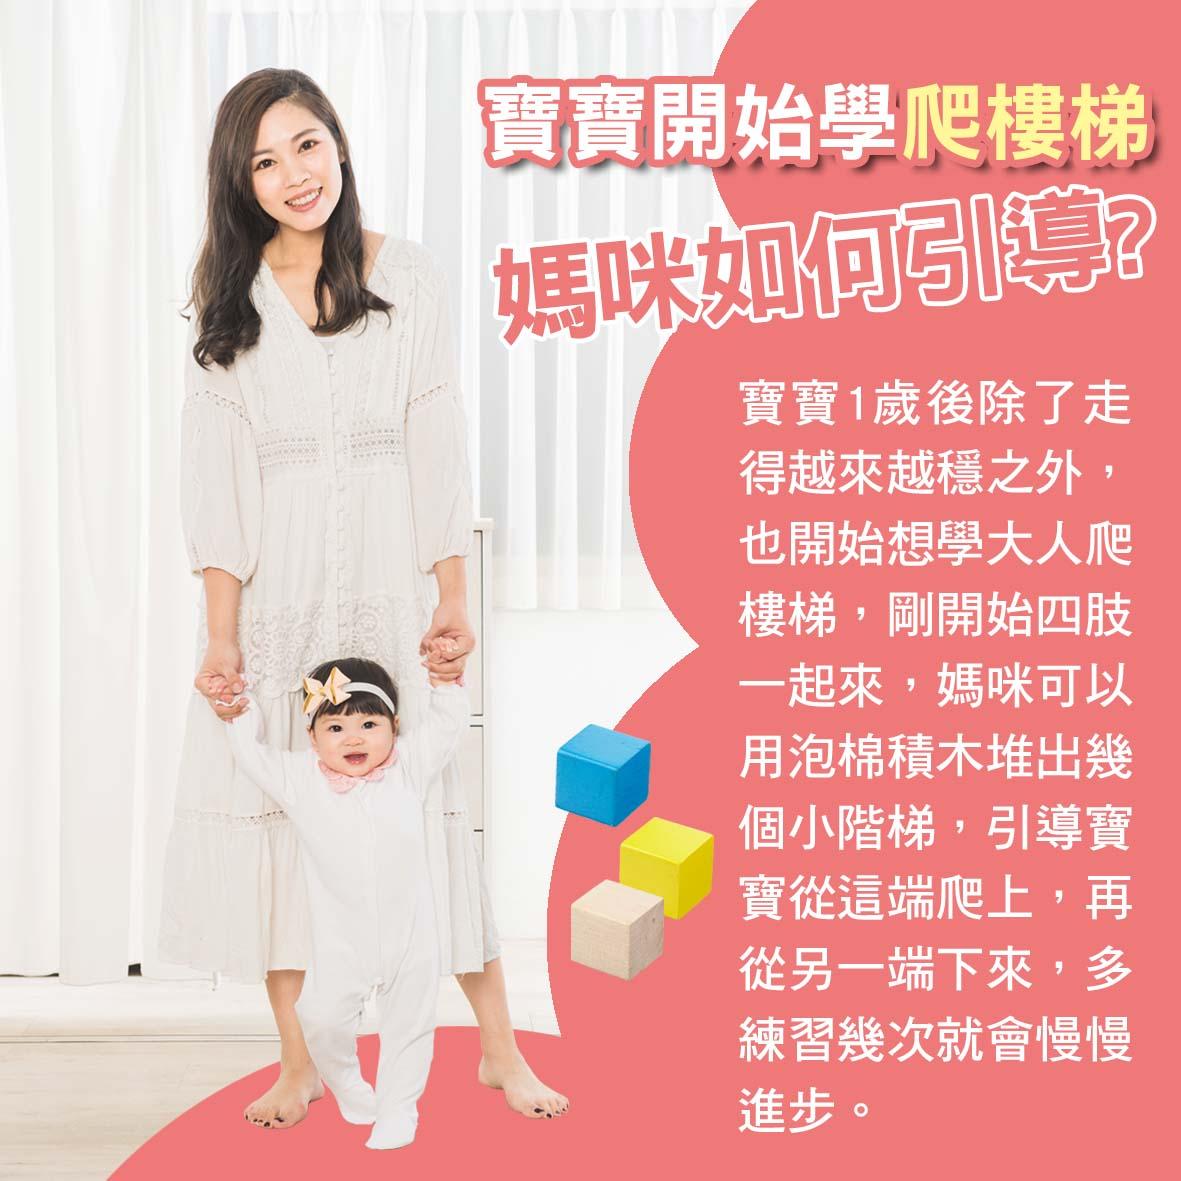 寶寶篇1歲第13~14週-寶寶開始學爬樓梯 媽咪如何引導?